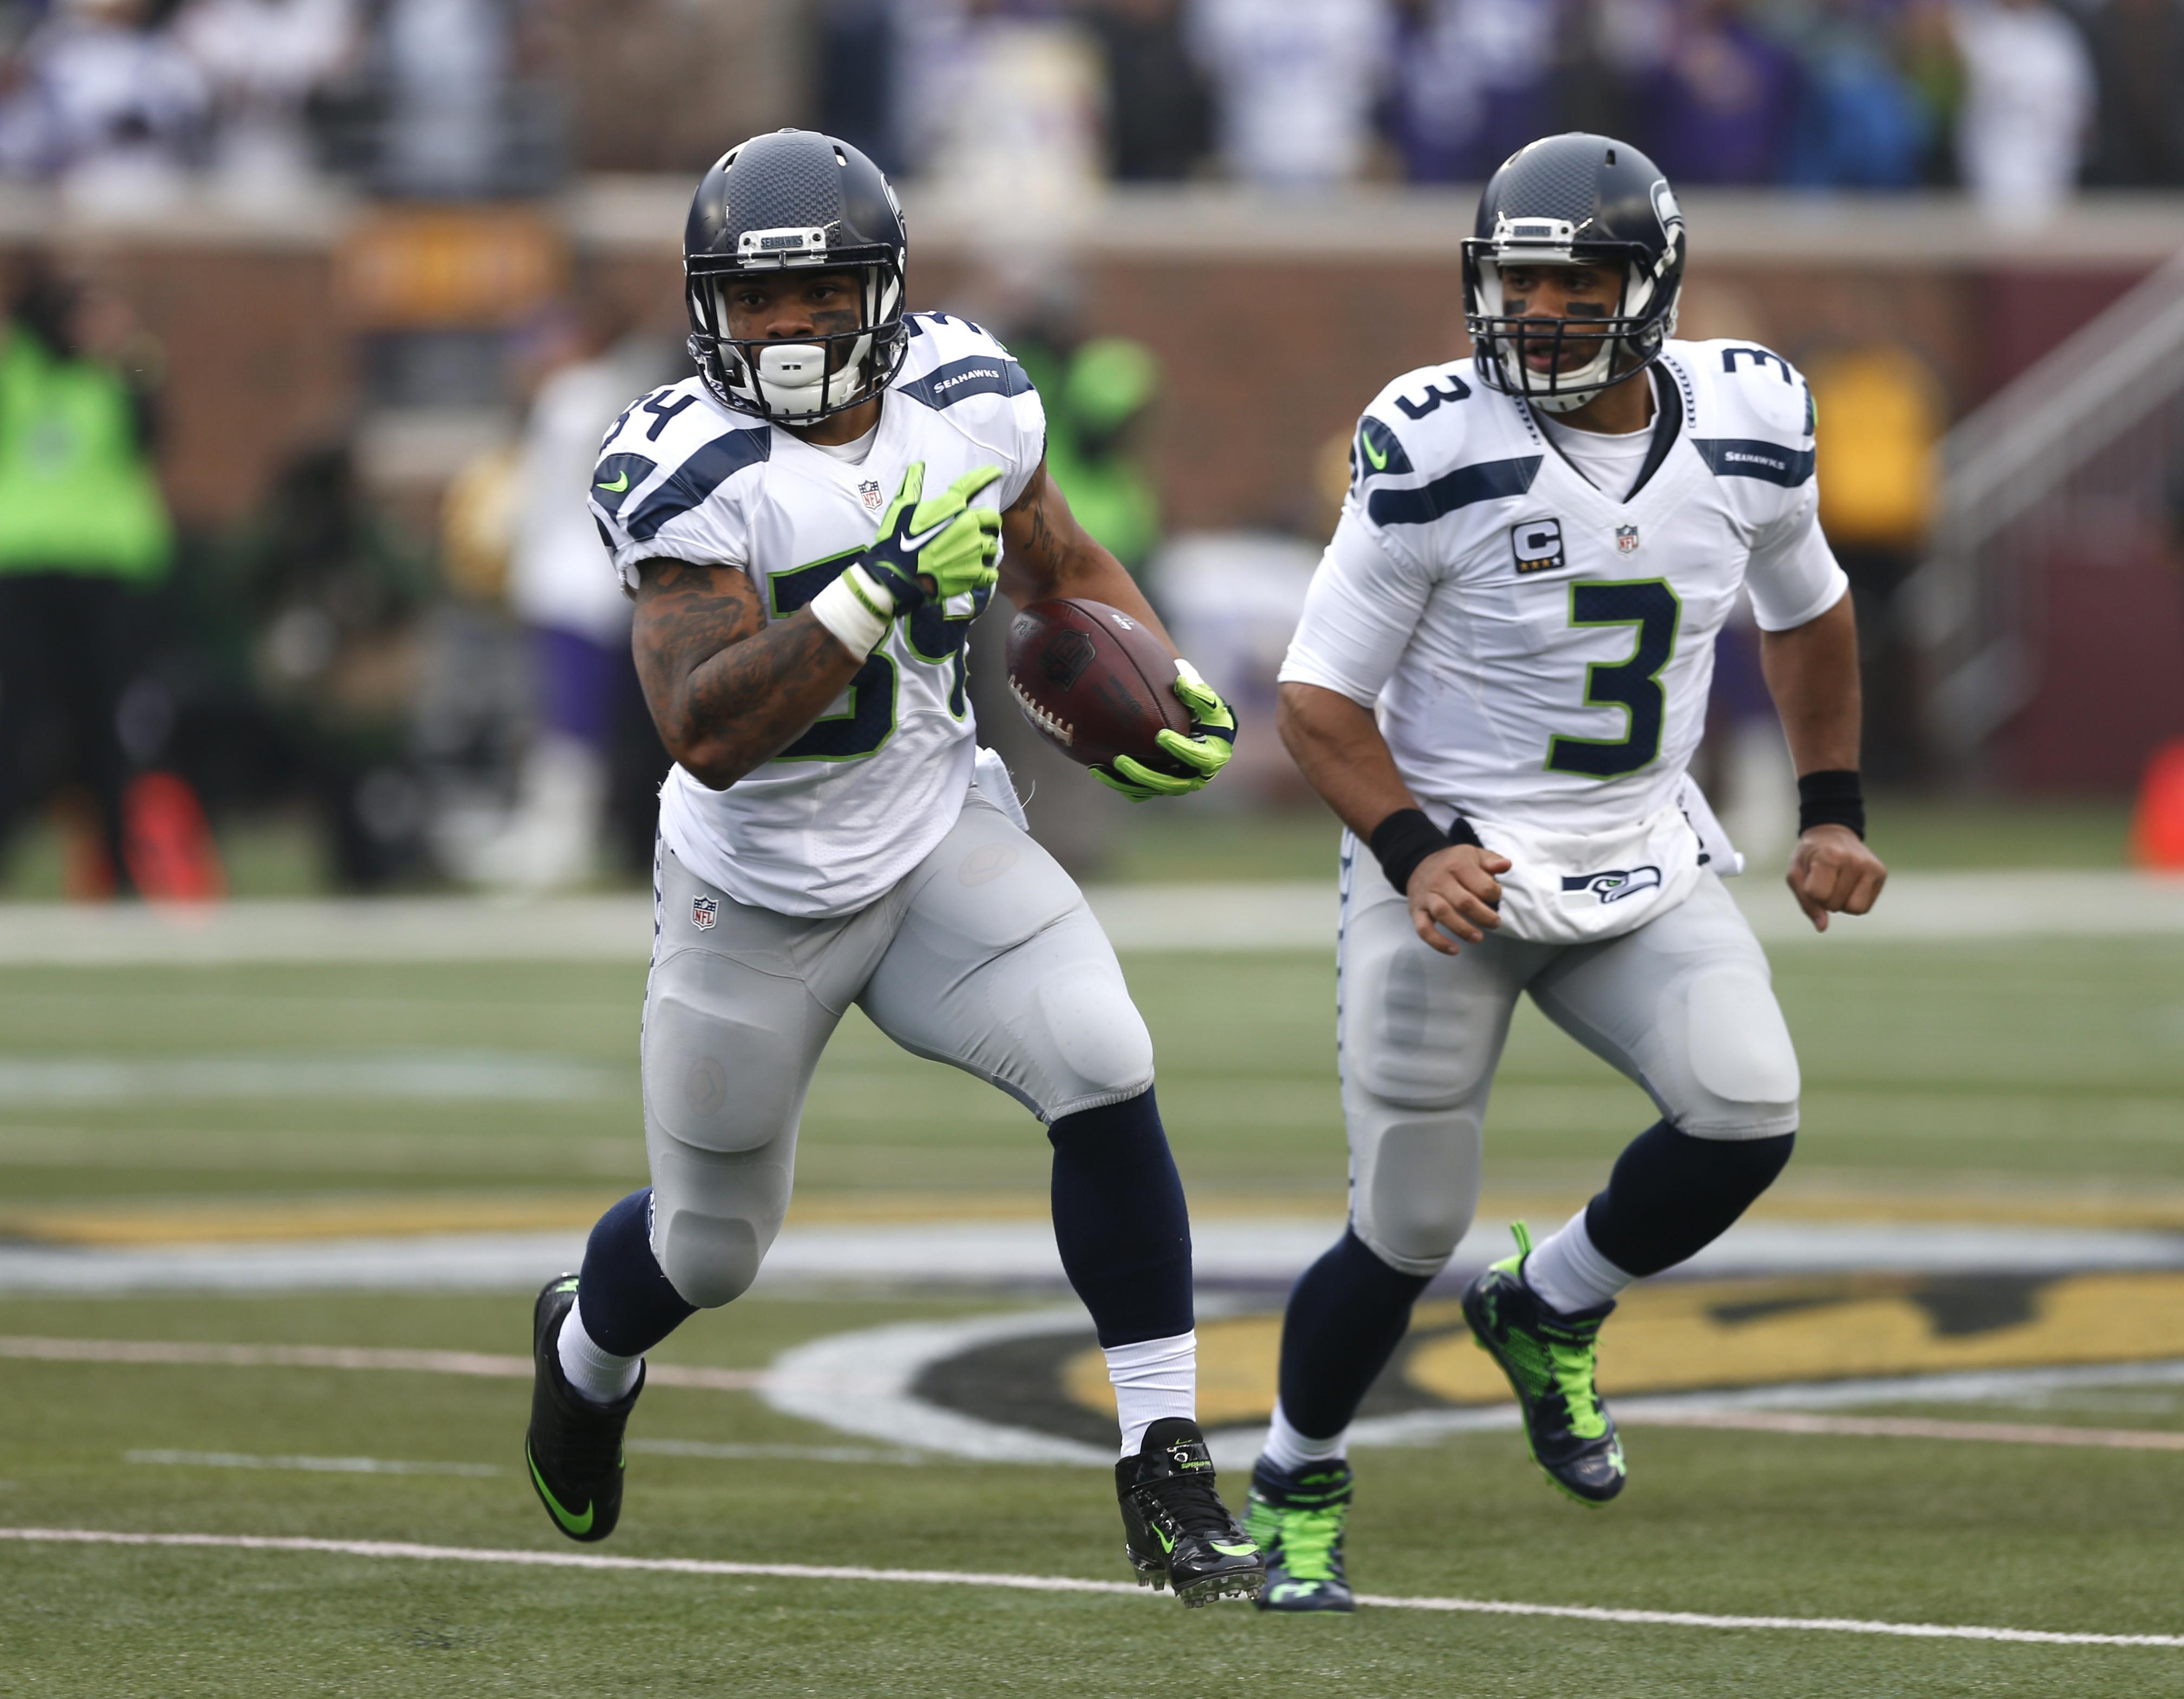 Thomas Rawls Injury: Updates on Seahawks RBs Fibula and